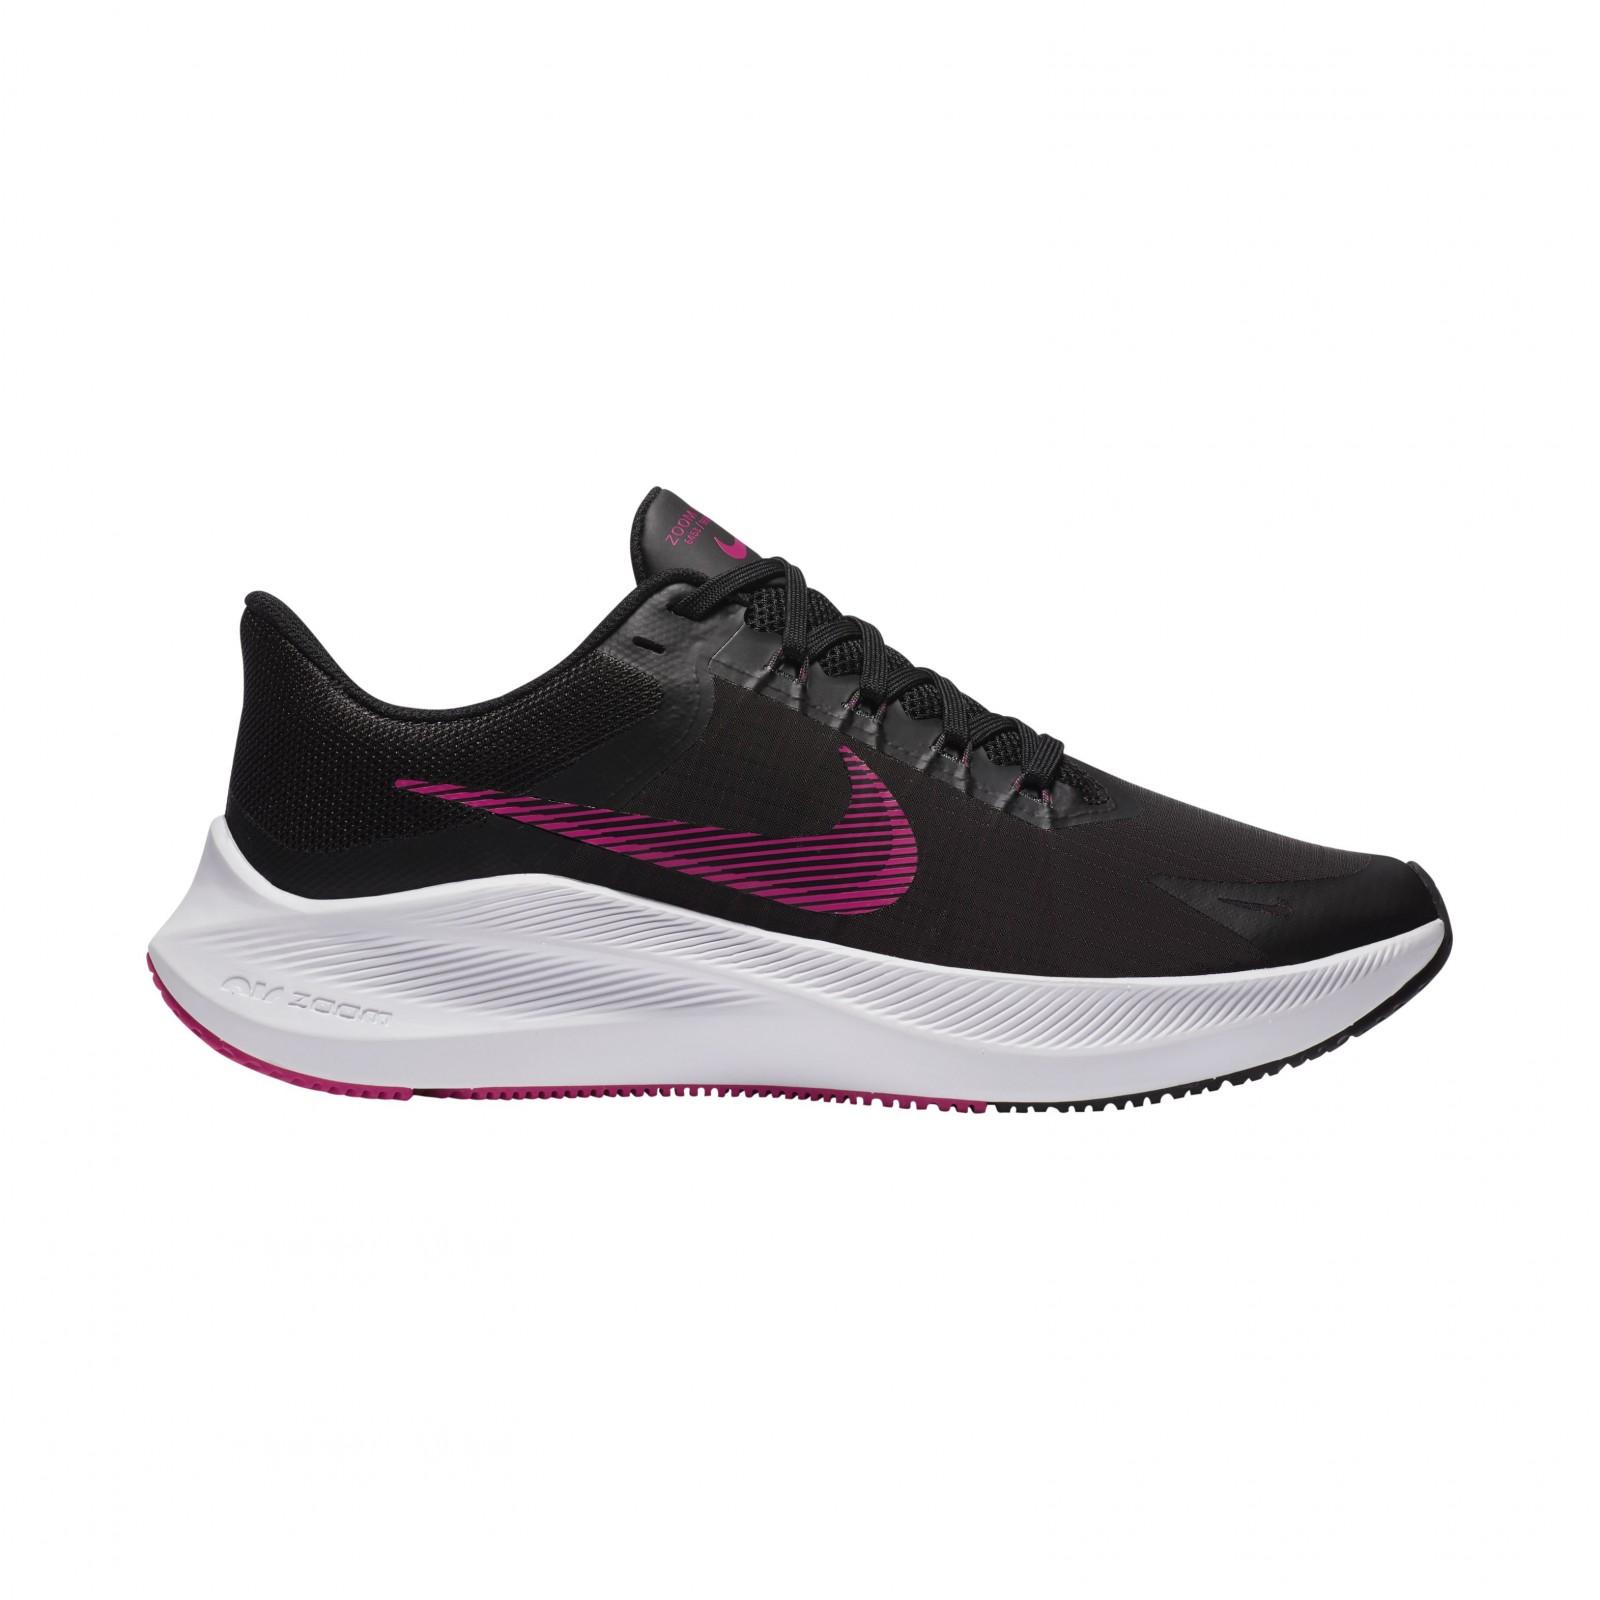 Nike Winflo 8 BLACK/FIREBERRY-DK SMOKE GREY-WHITE